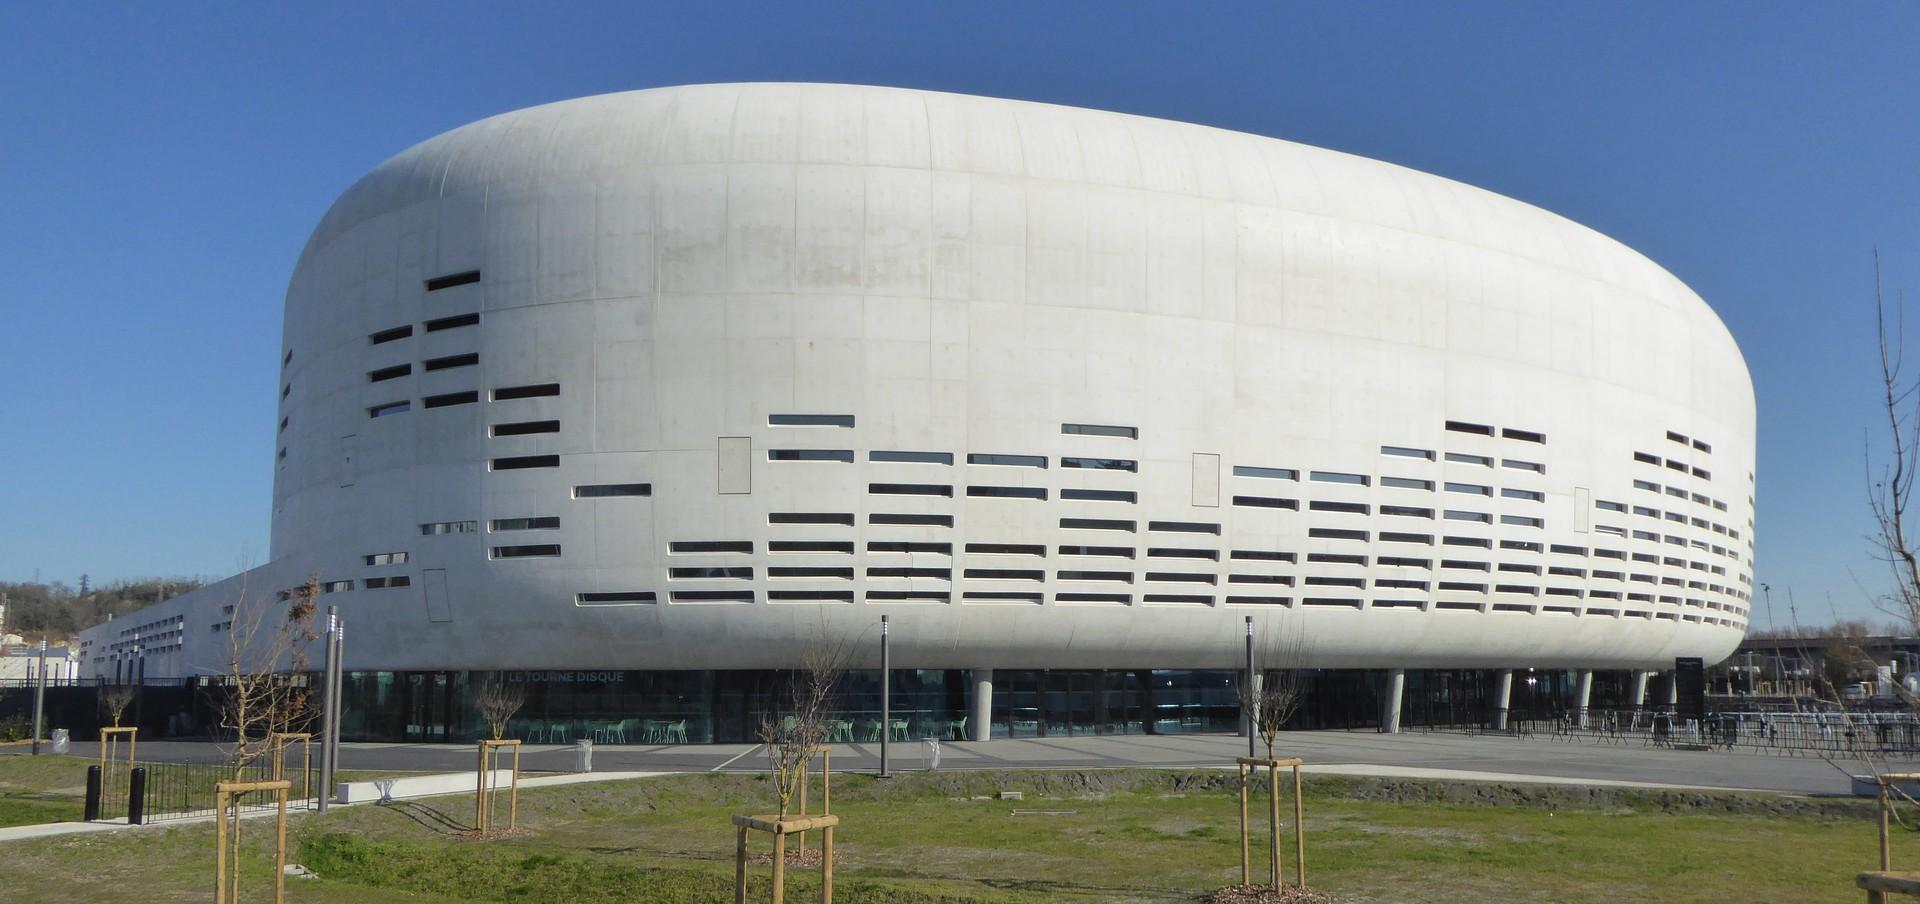 DOORTAL - Bordeaux métroploe Aréna